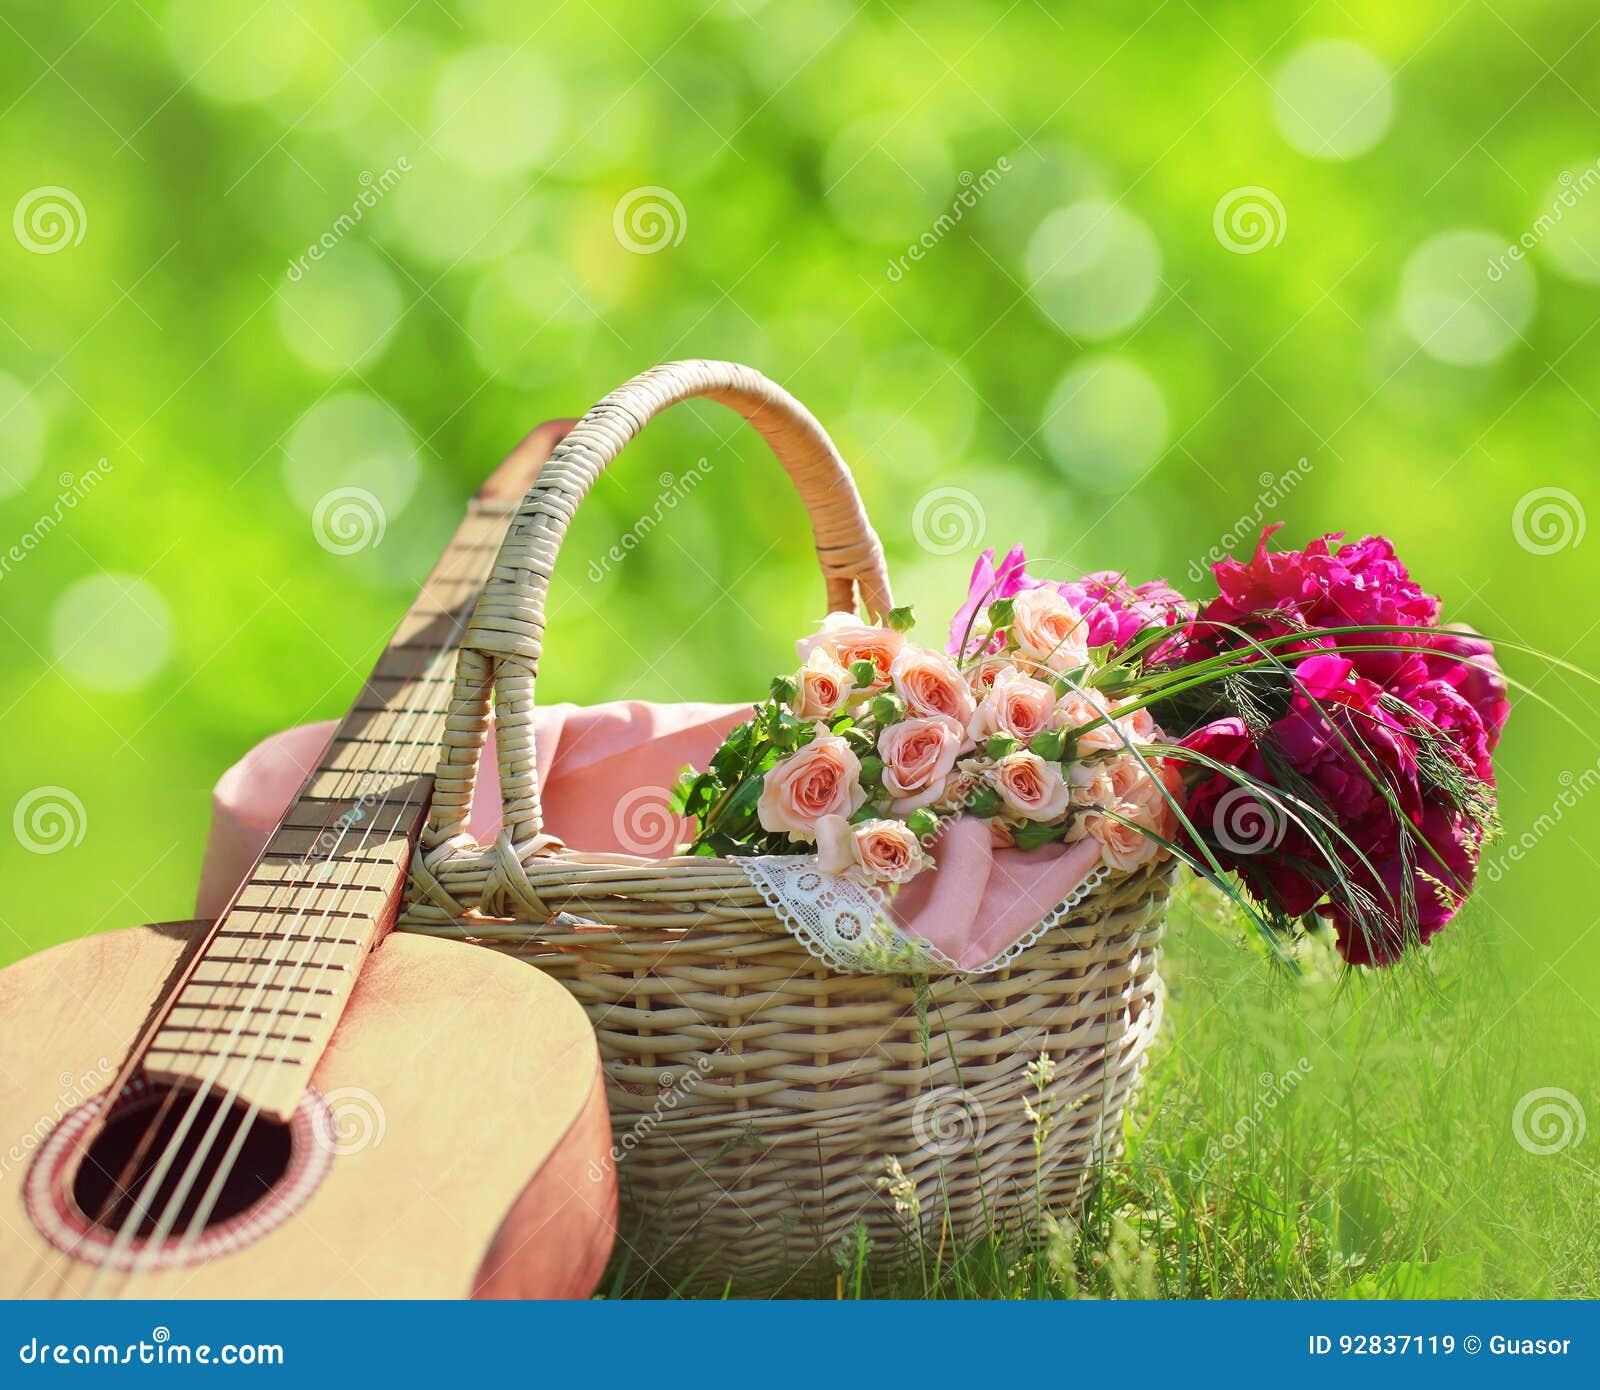 Romance, amor, concepto del día del ` s de la tarjeta del día de San Valentín - cesta de mimbre con el ramo de flores, guitarra e